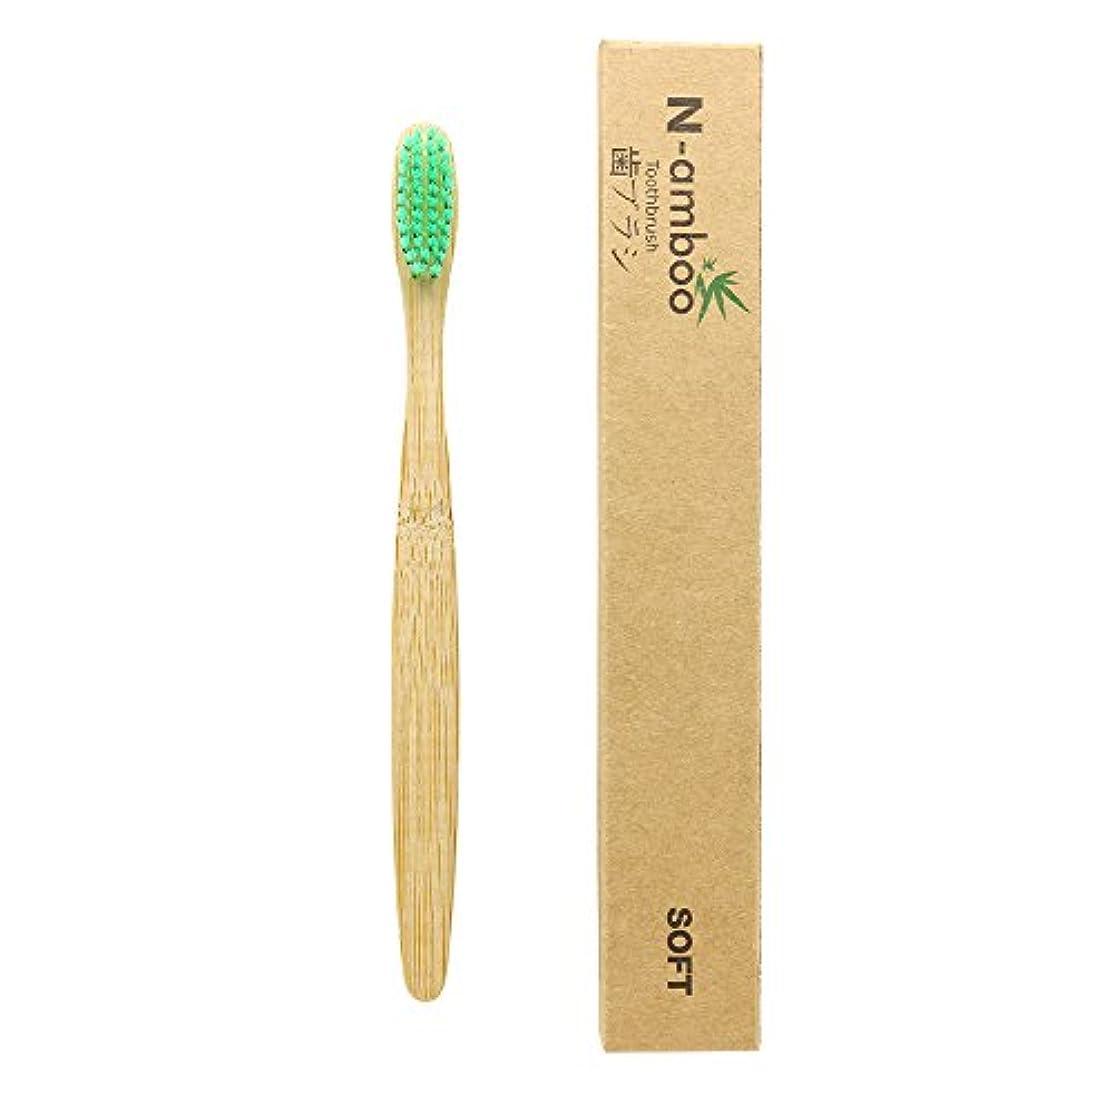 くるみ荒らすましいN-amboo 歯ブラシ 1本入り 竹製 高耐久性 緑 エコ